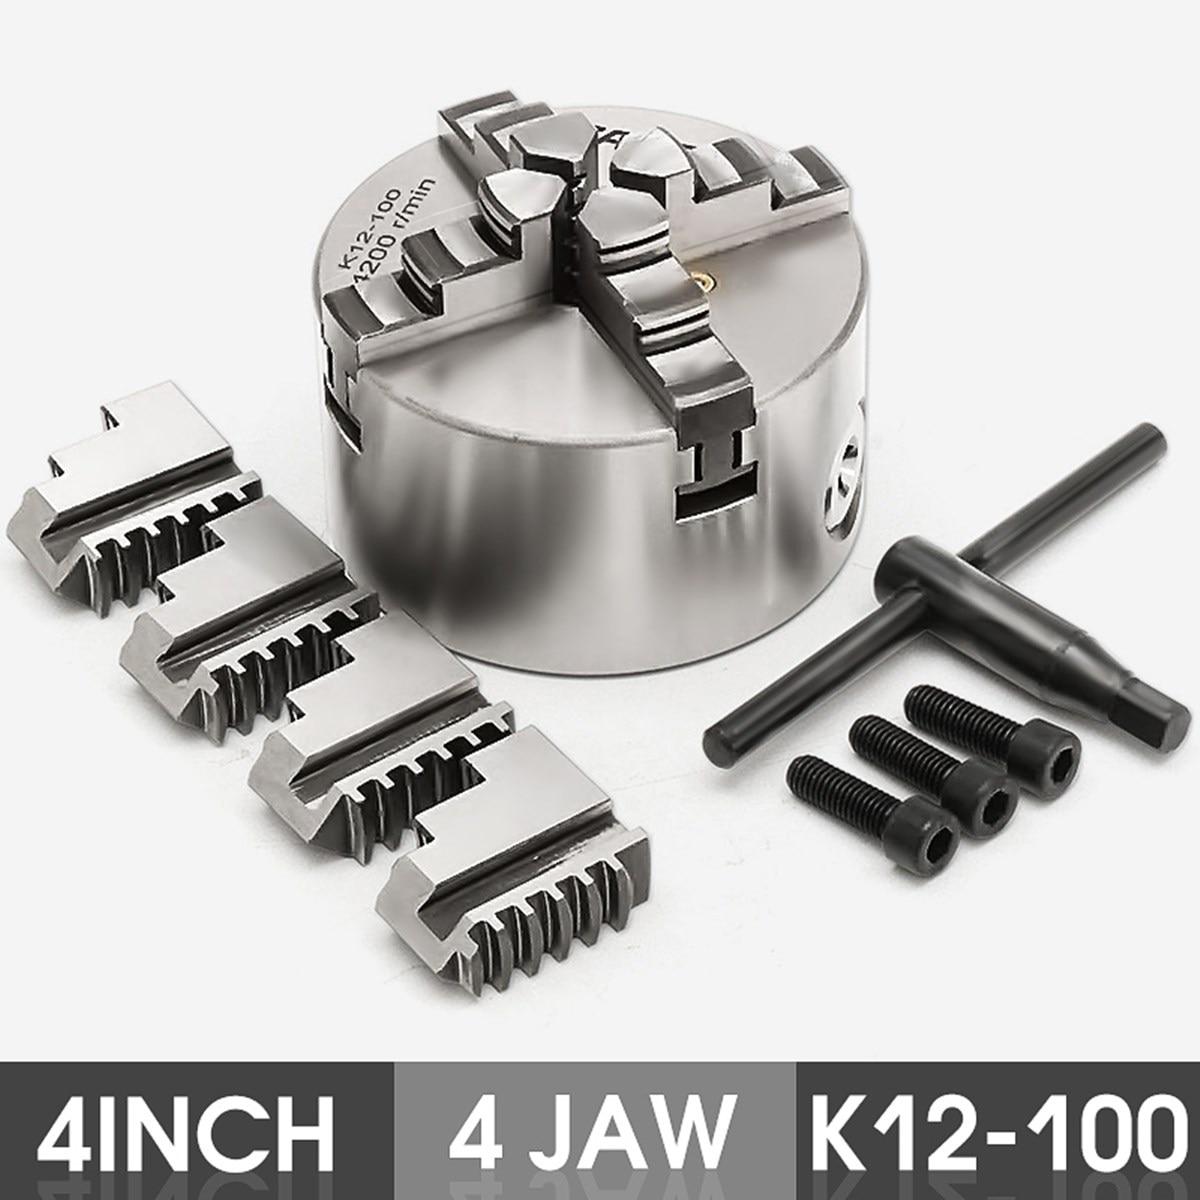 4 Jaw K12-100 4